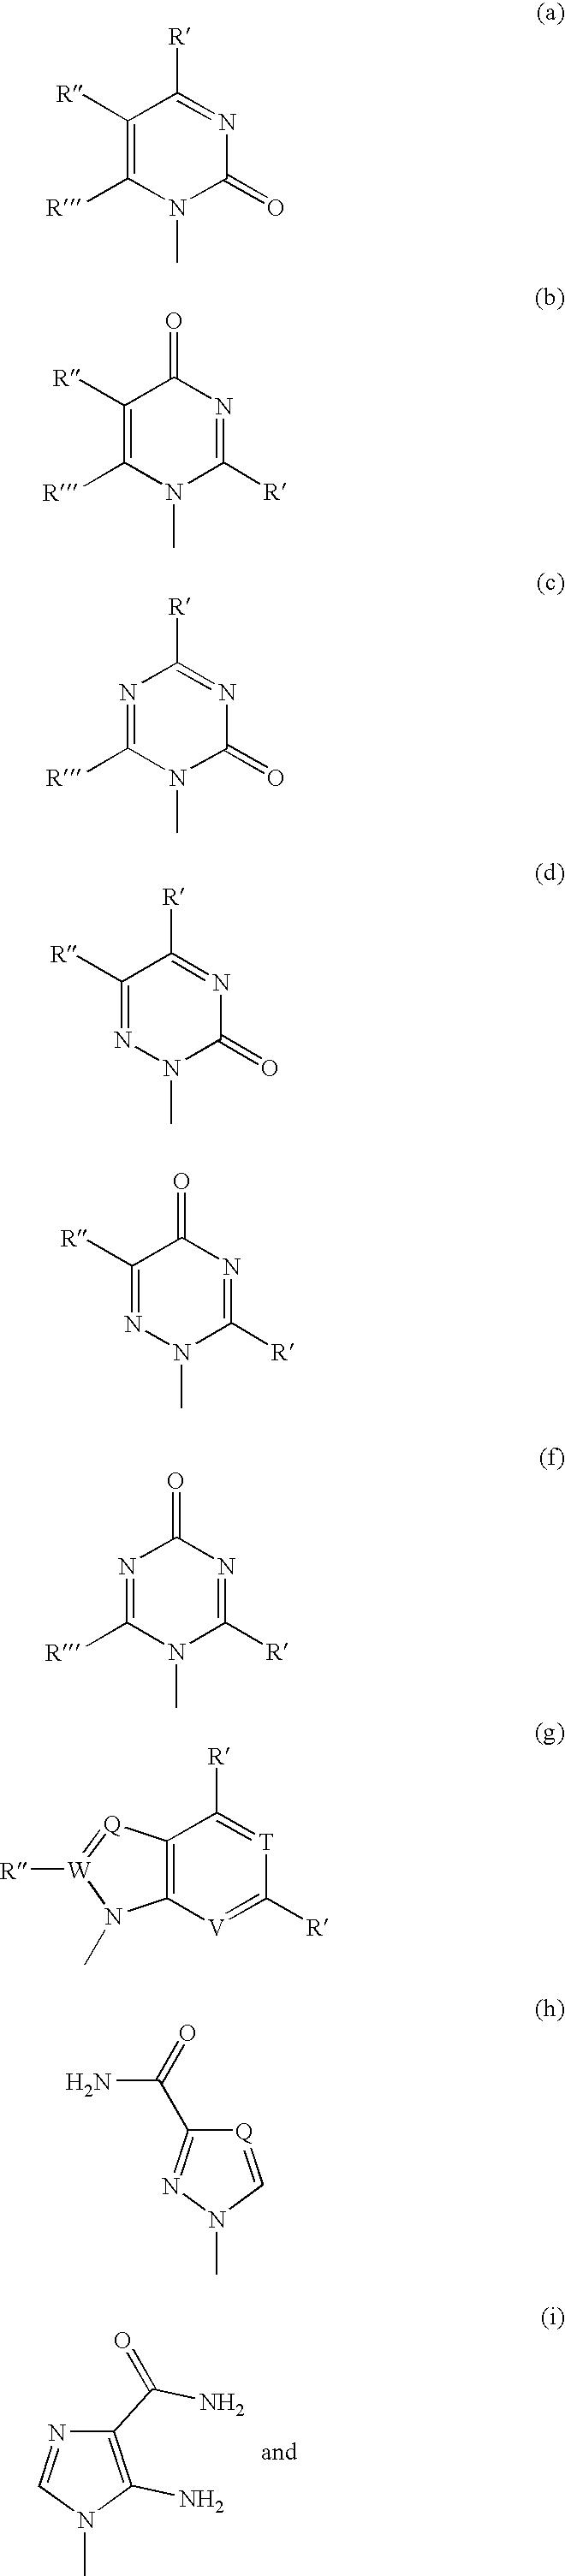 Figure US07608600-20091027-C00055